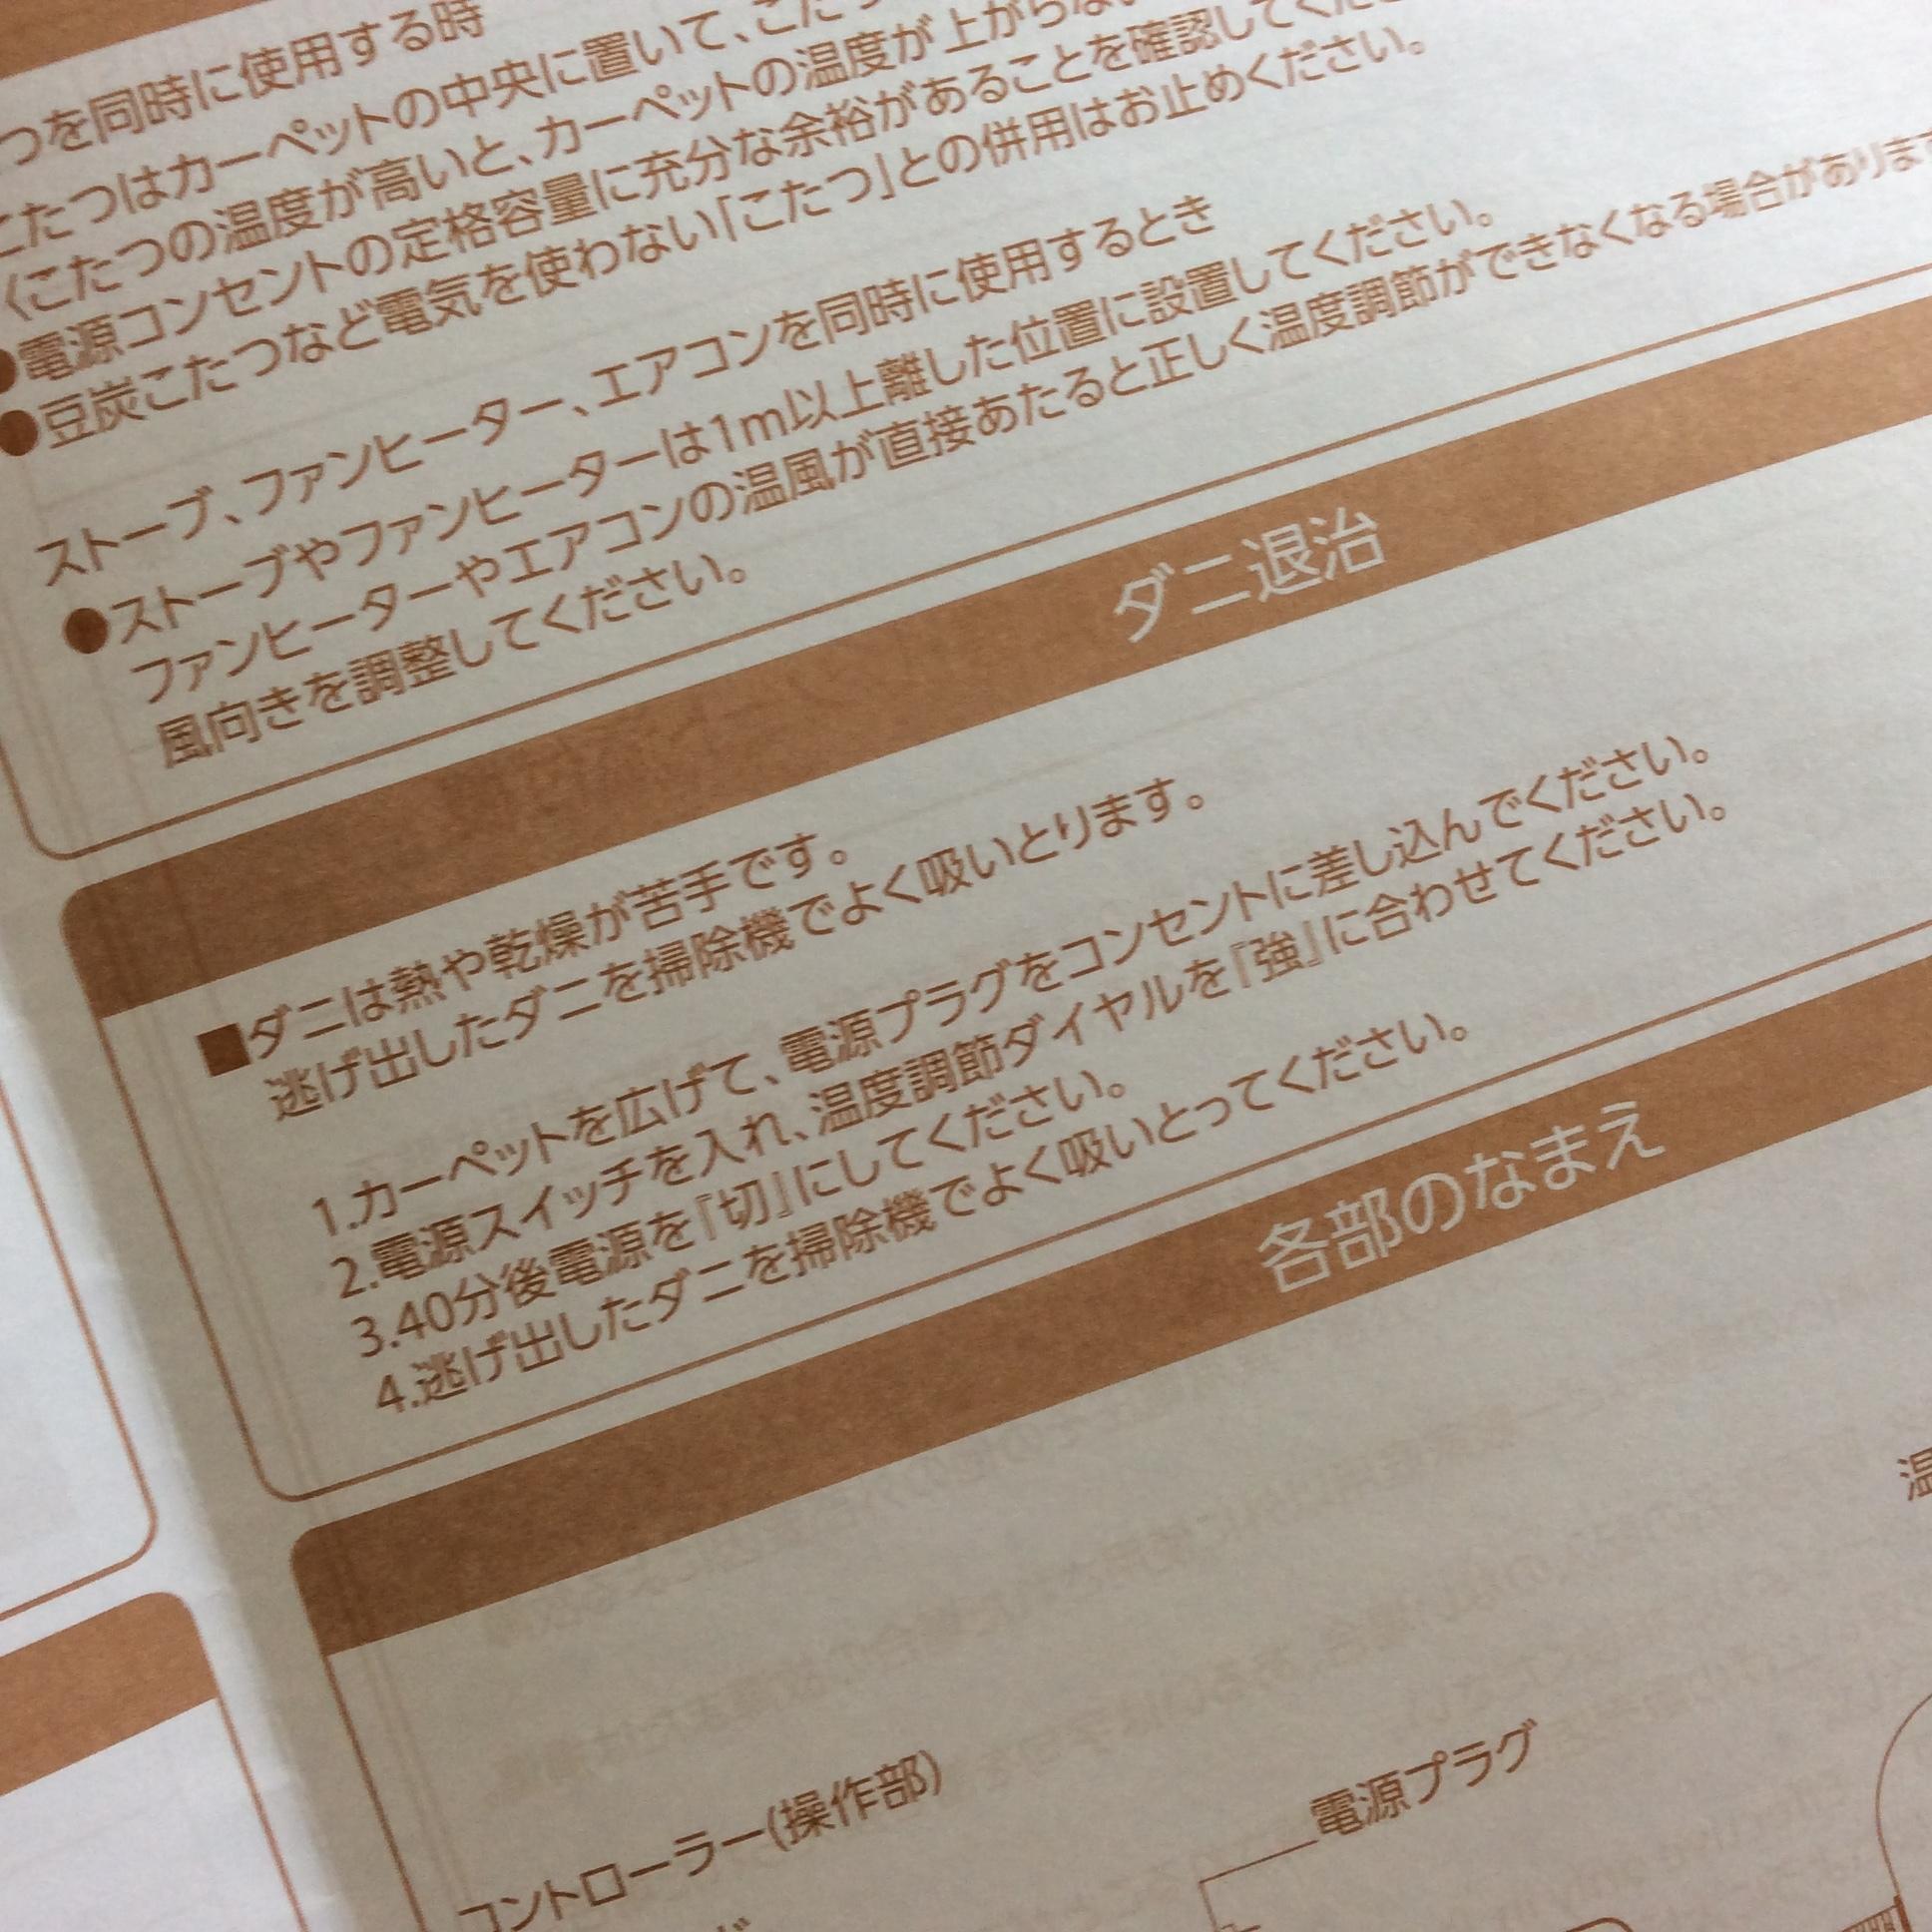 69A921CF-ED82-4A37-9F53-0BA4EC795BBB.jpeg